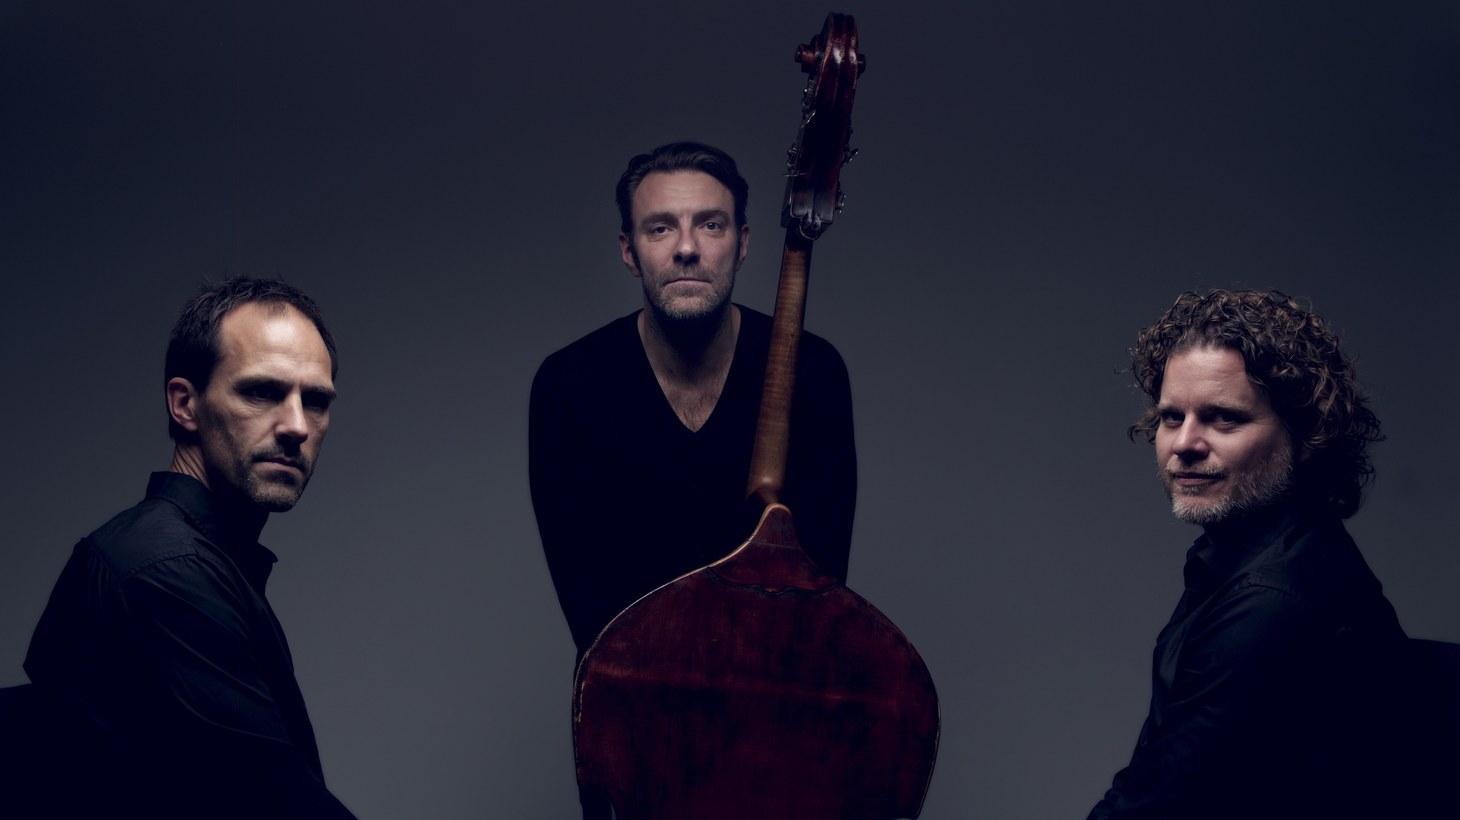 Mats Eilertsen Trio from left to right: Thomas Strønen, Mats Eilertsen, Harmen Fraanje.